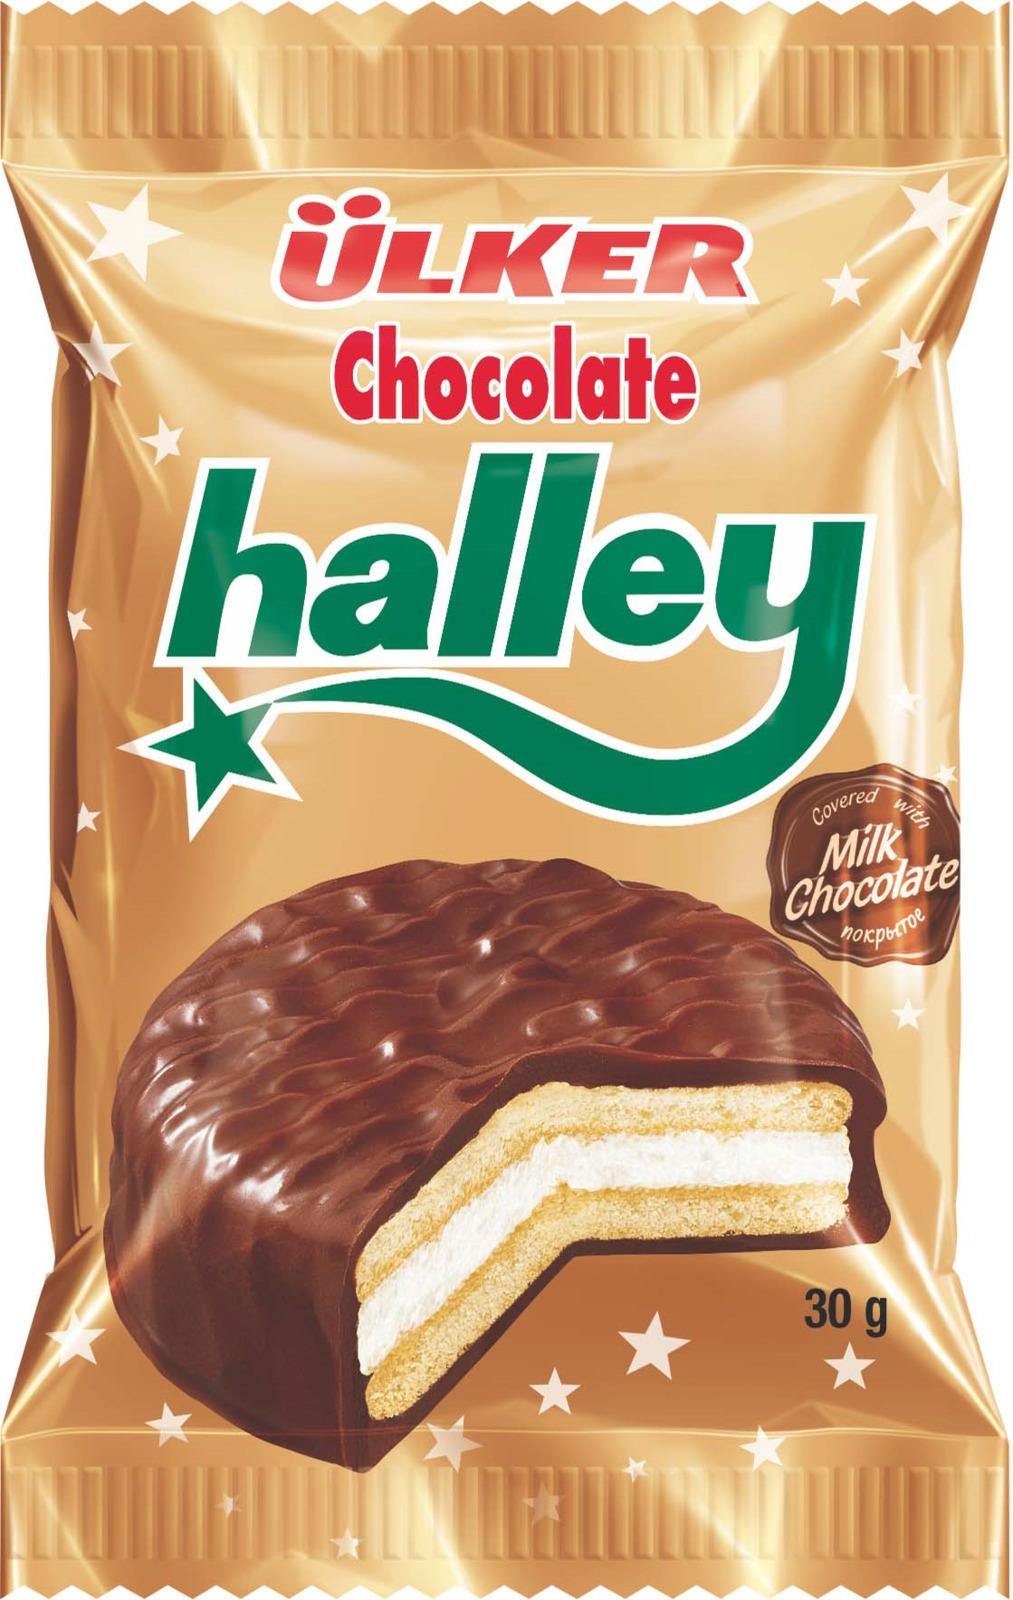 Печенье Ulker Halley покрытое молочным шоколадом с маршмеллоу, 30 г merba печенье с клюквой и белым шоколадом 200 г